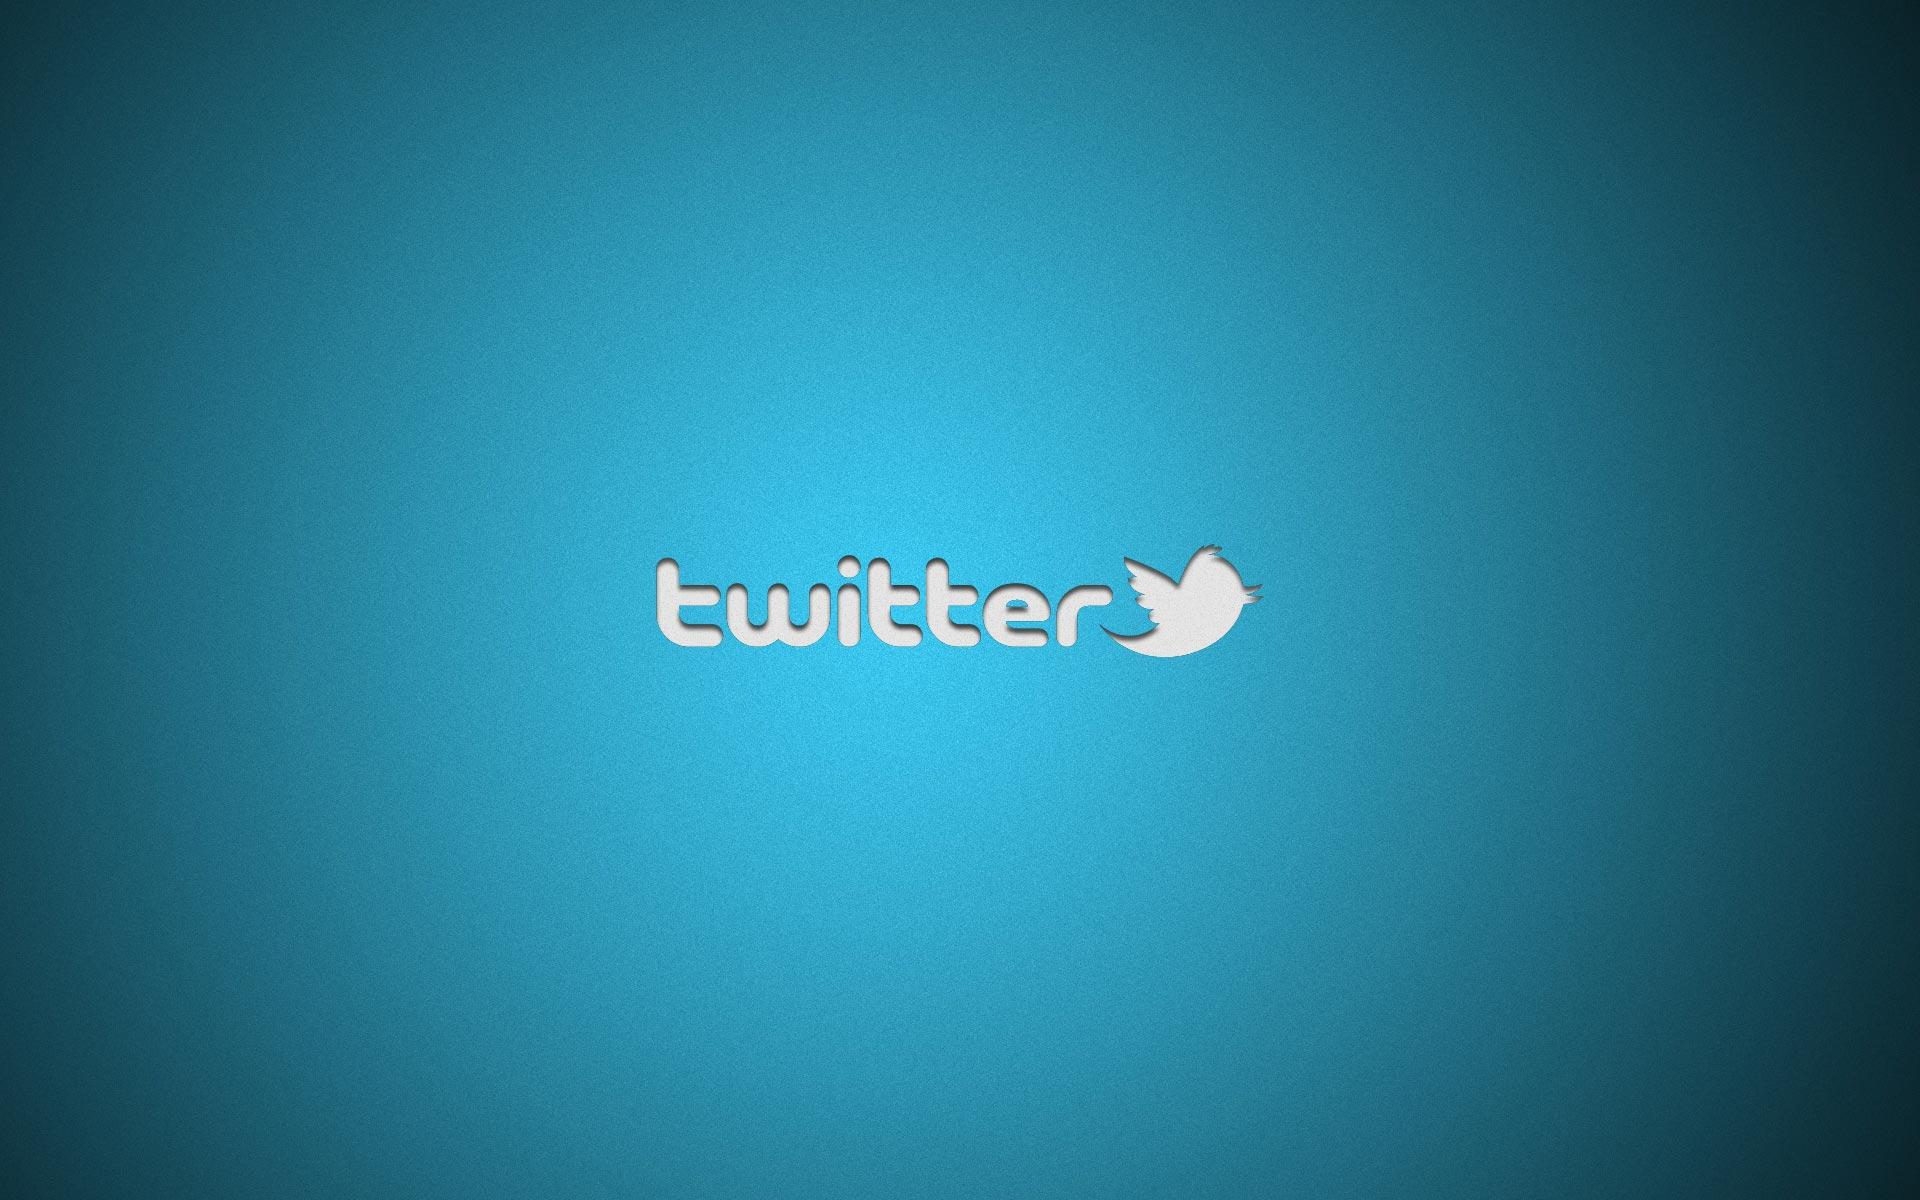 Twitter u lejon reklamuesve që të shënjestrojnë përdoruesit